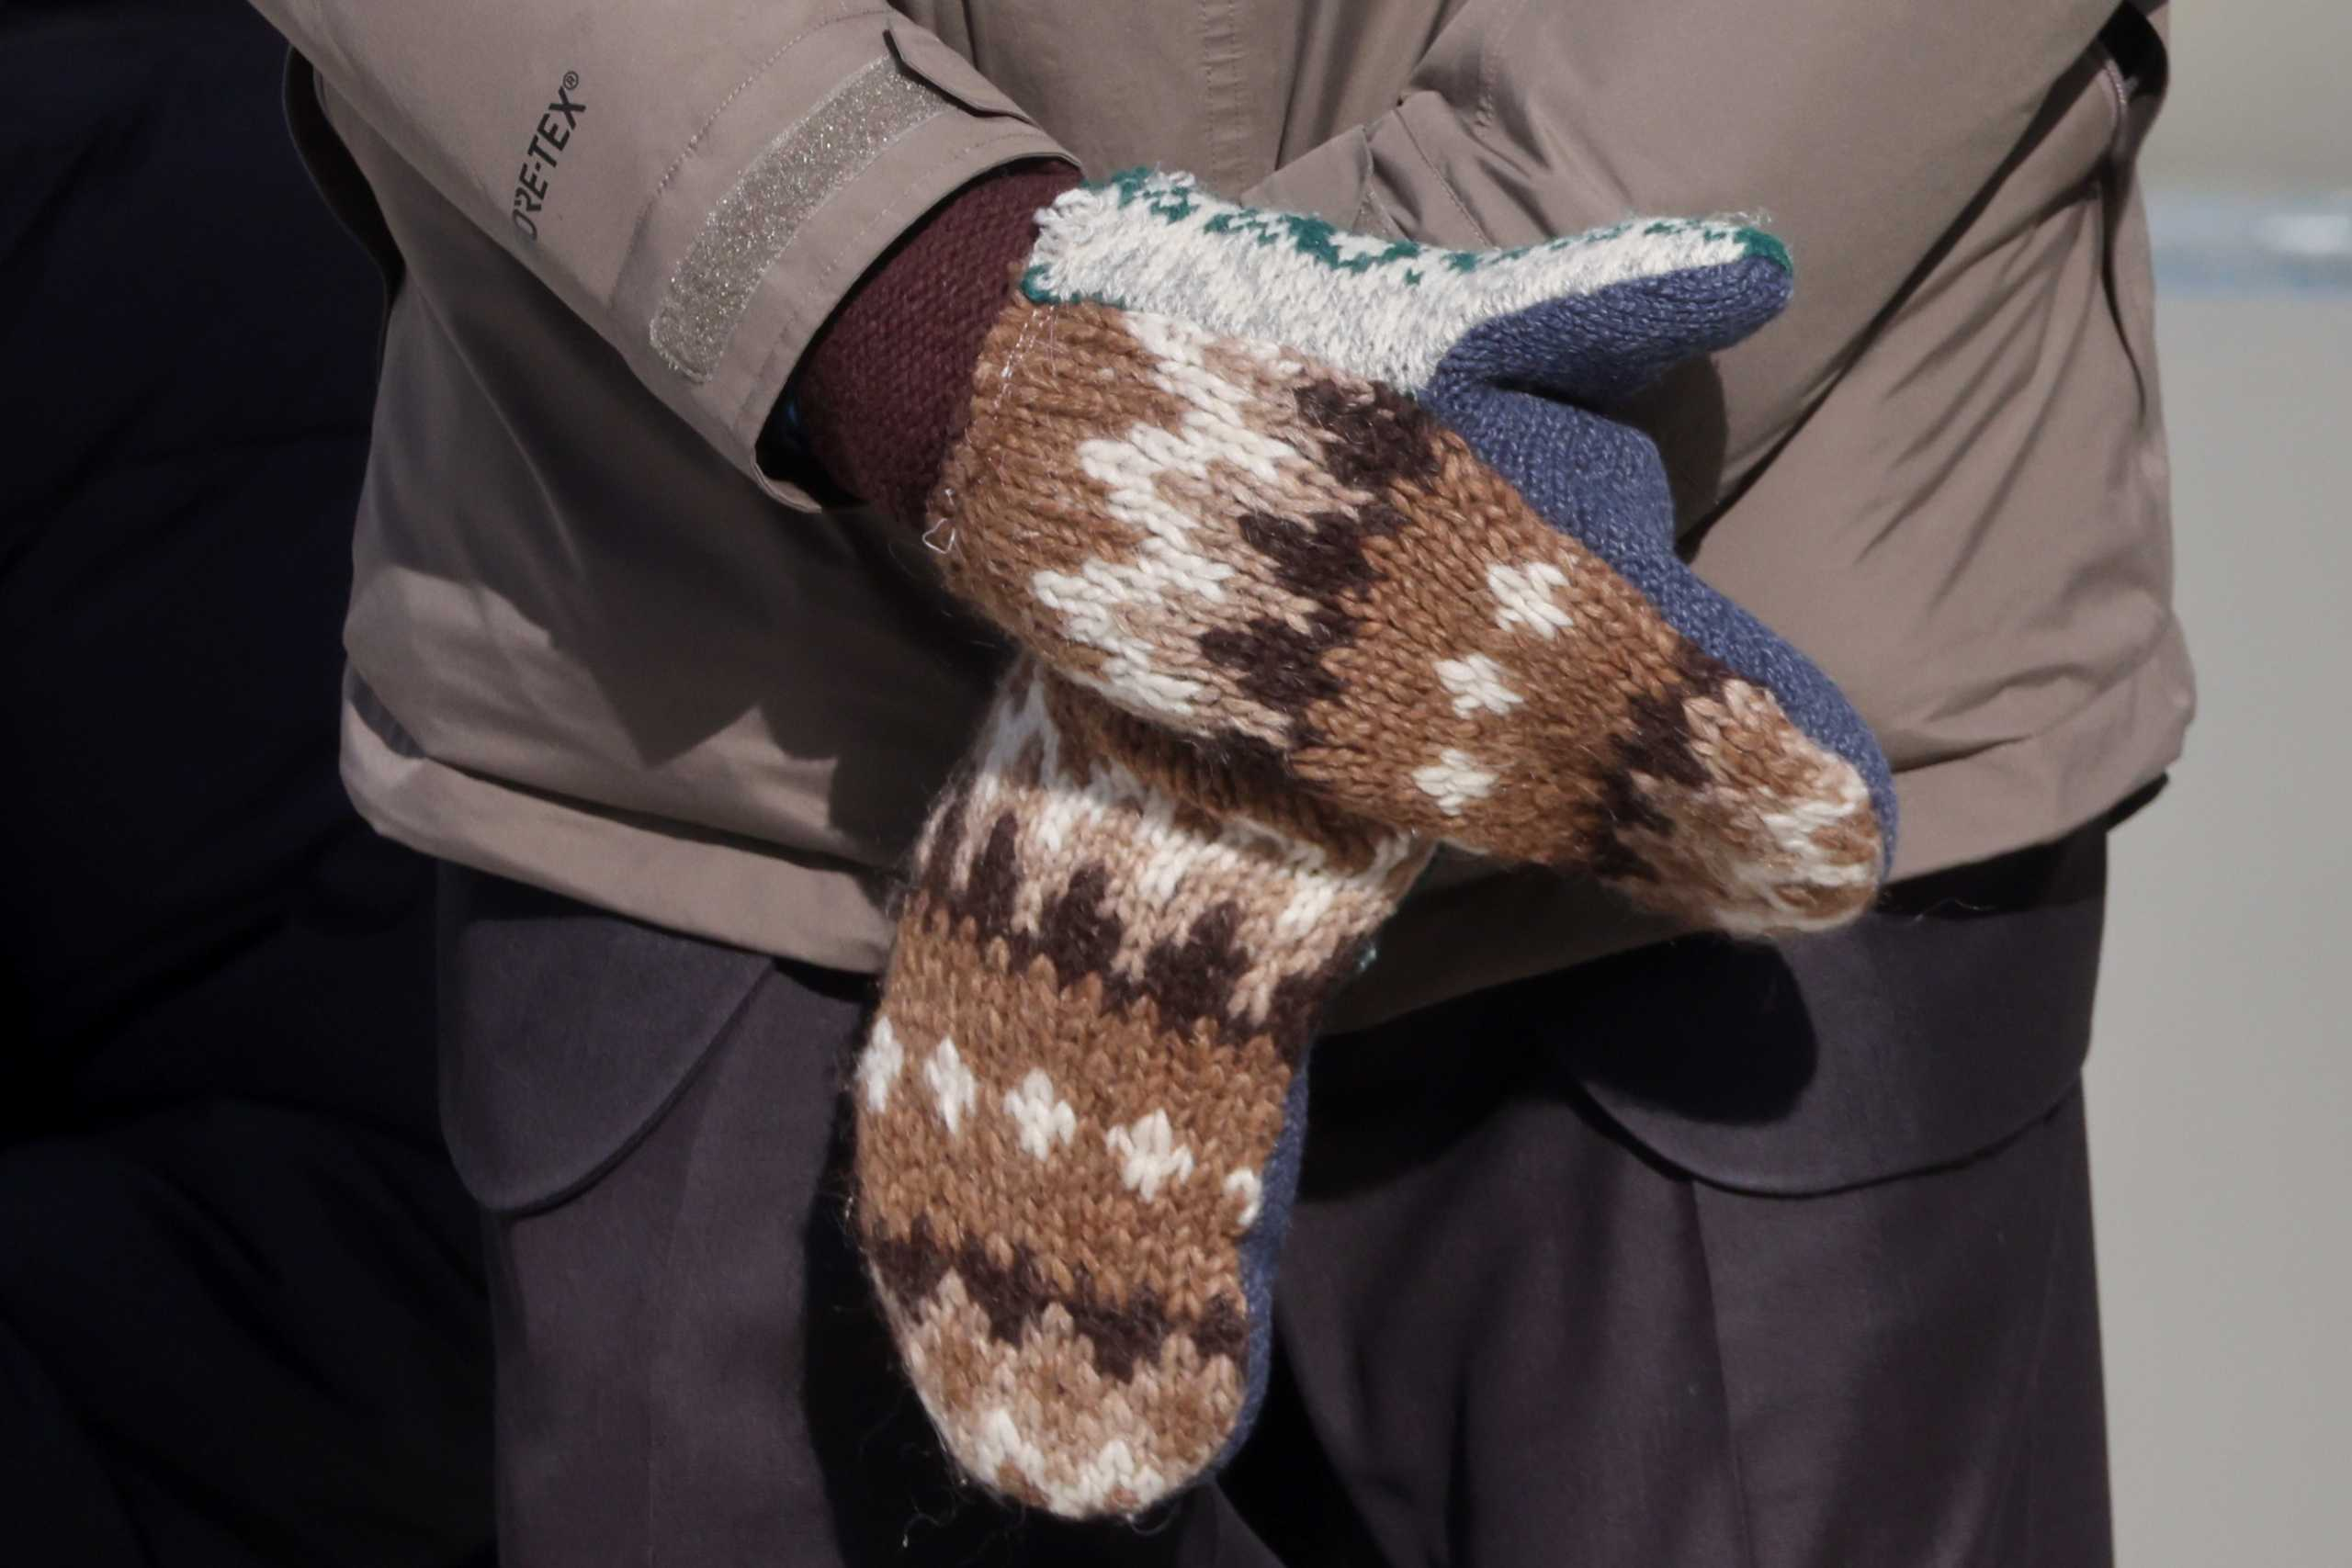 Bernie Sanders: Πανηγύρι με τα τεράστια μάλλινα γάντια που φορούσε στην ορκωμοσία